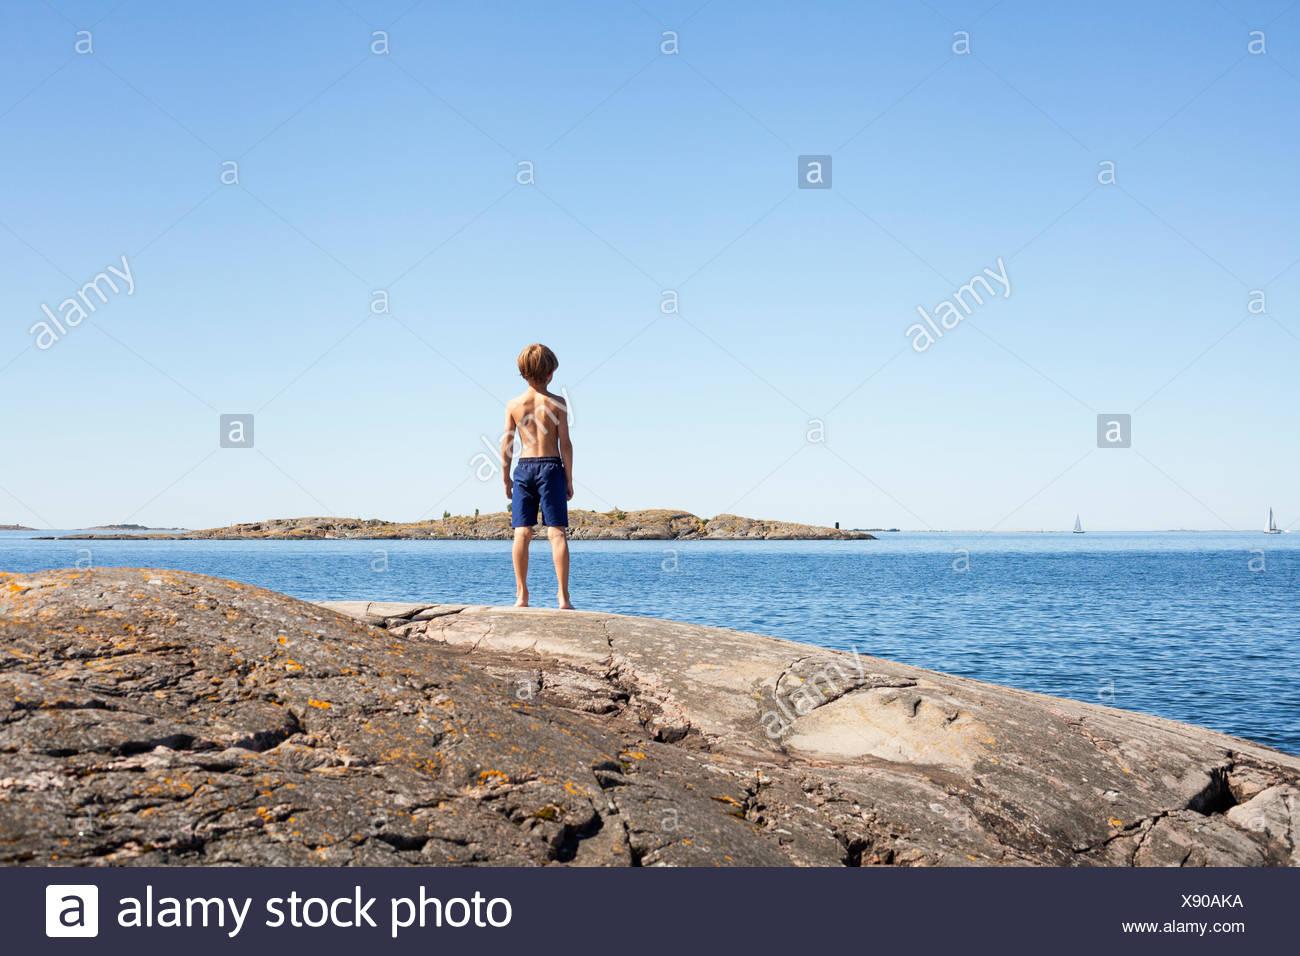 Suecia, Uppland Runmaro, Barrskar, vista trasera de boy (6-7) mirando el mar Imagen De Stock